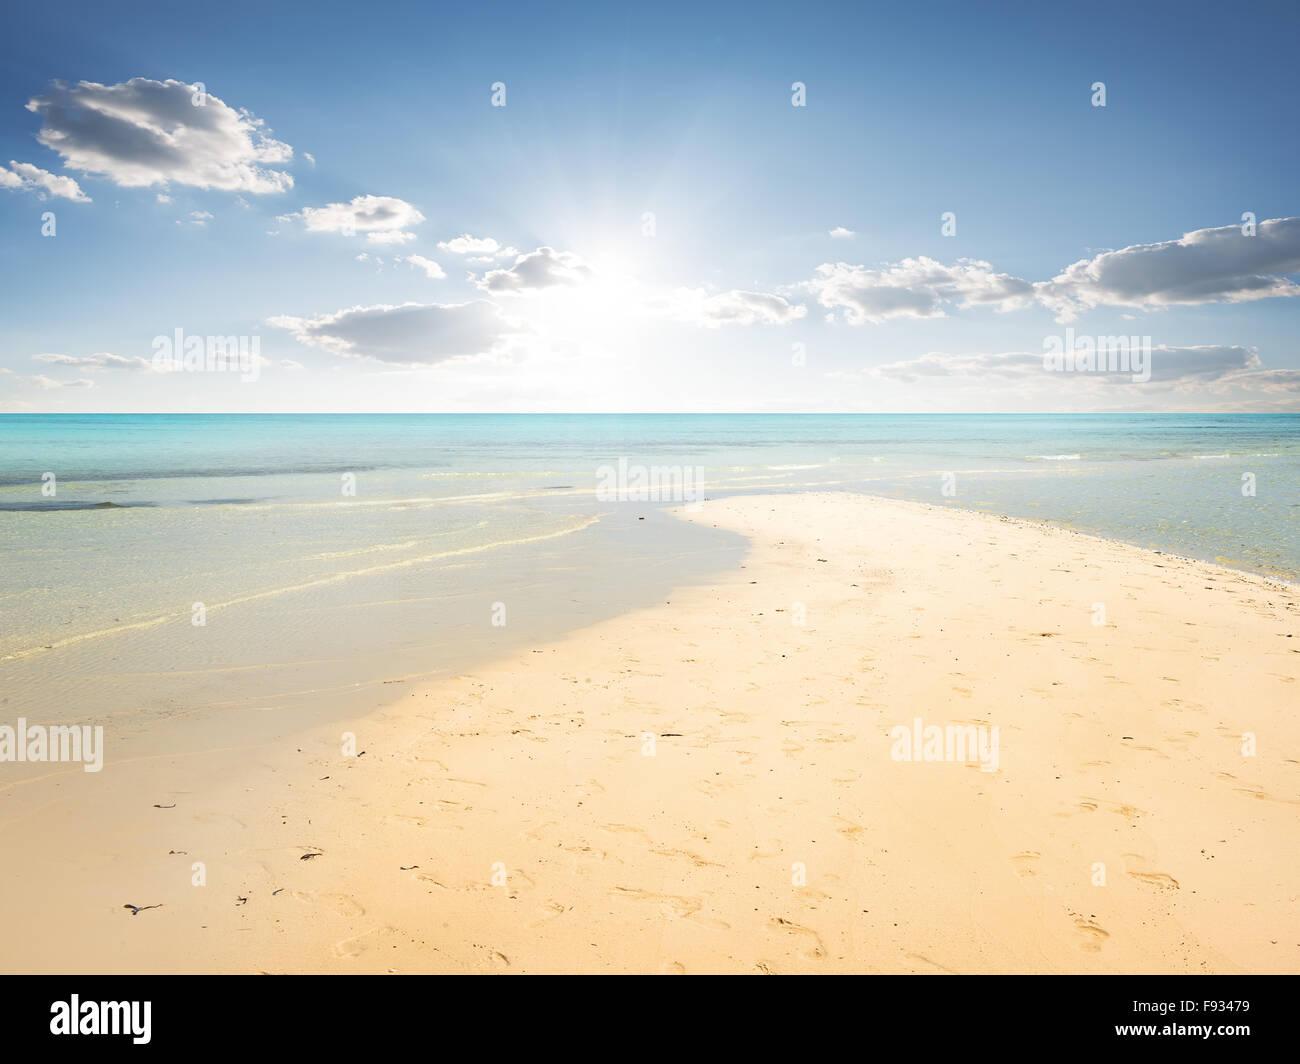 Plage de sable et l'eau turquoise du lagon en Banque D'Images